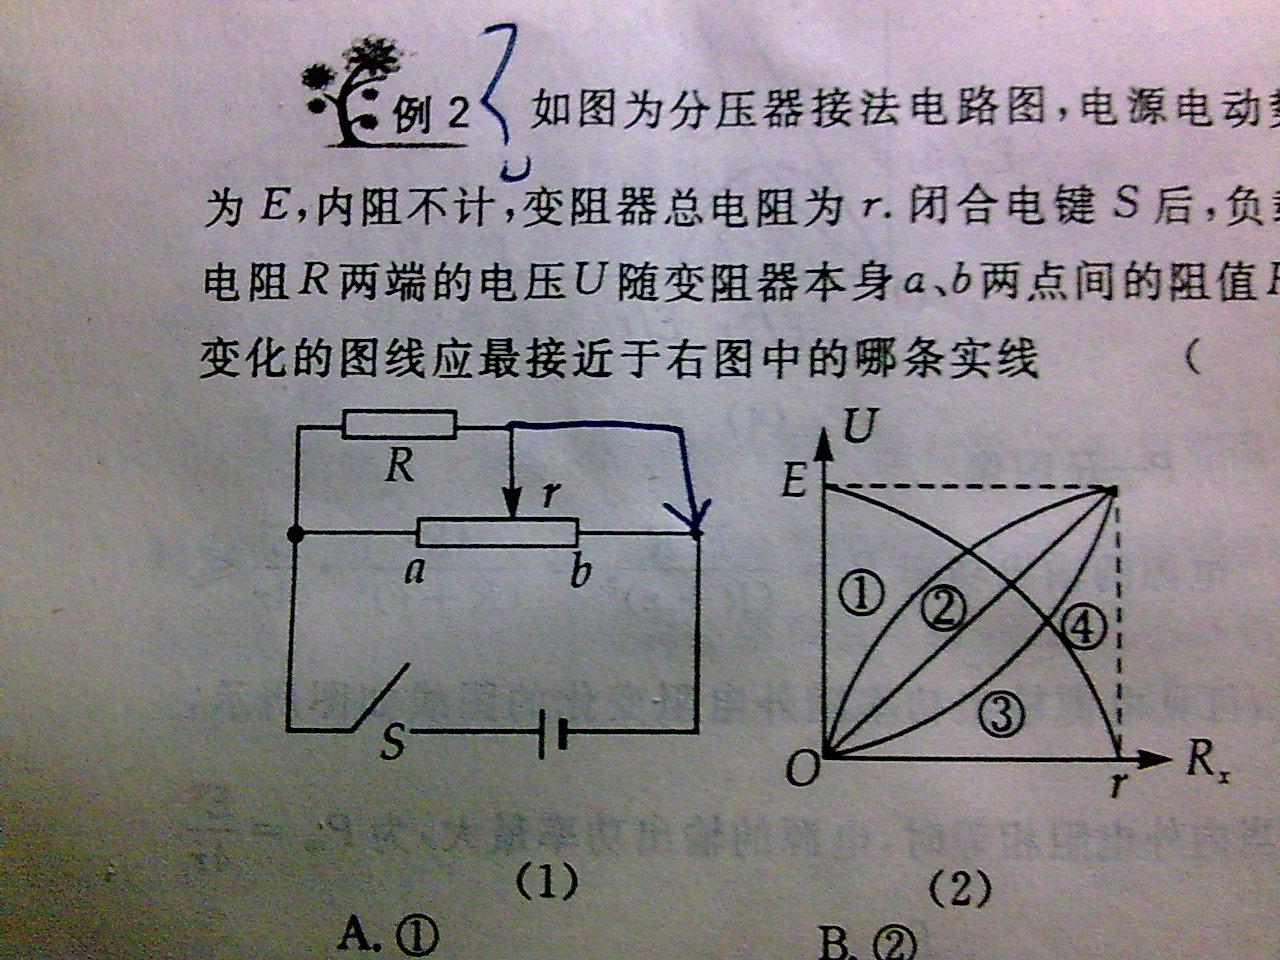 分压电路 - 高三物理